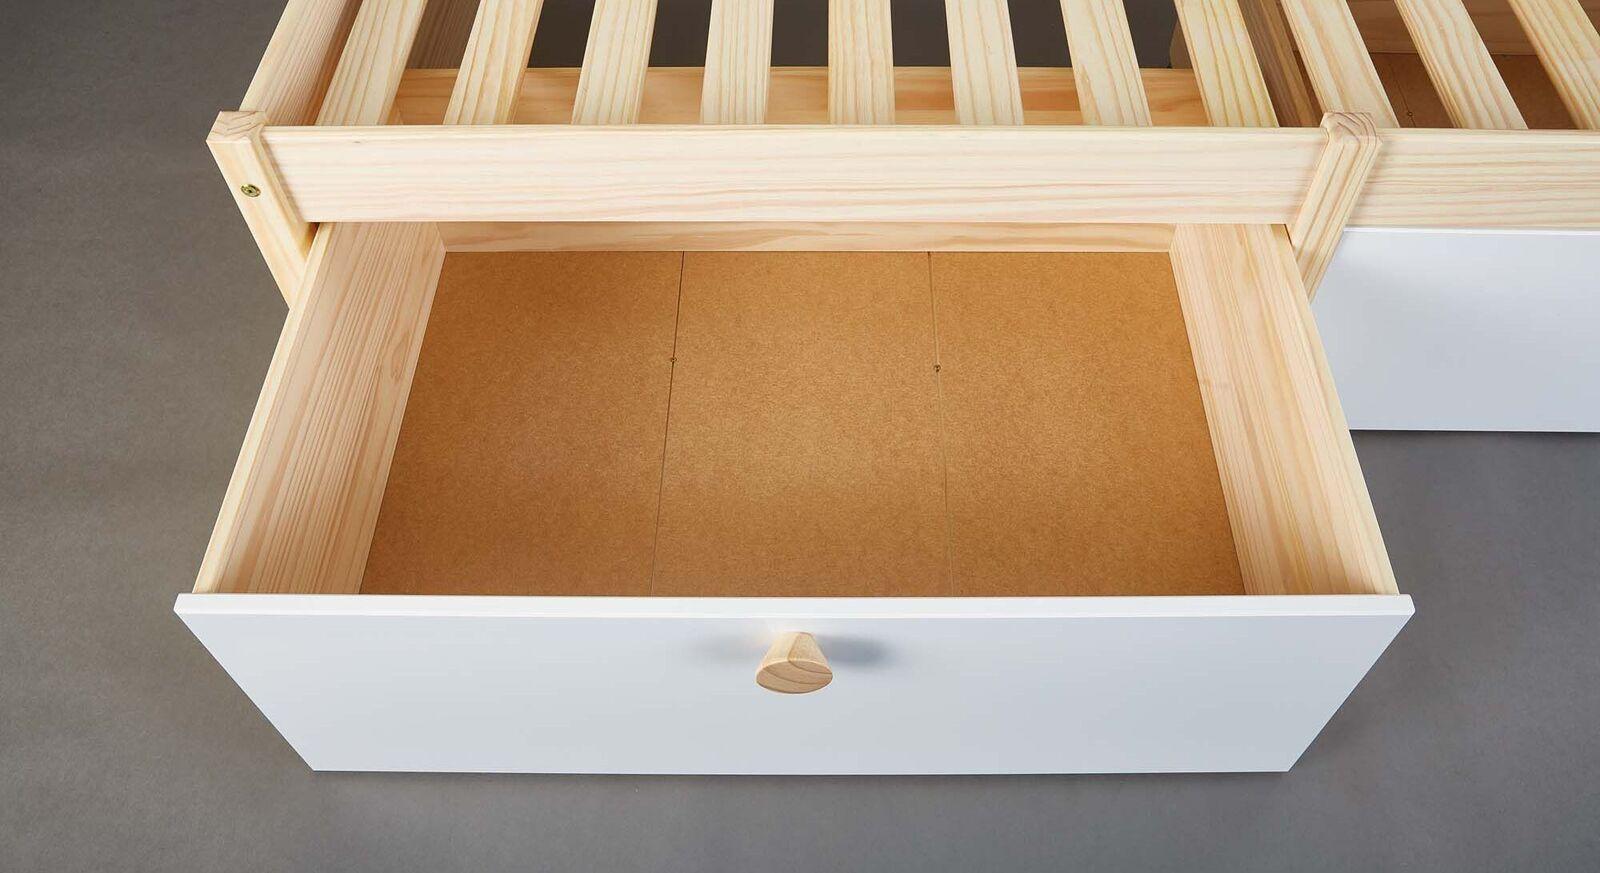 Schubkasten-Bett Saffars Schublade für Stauraum